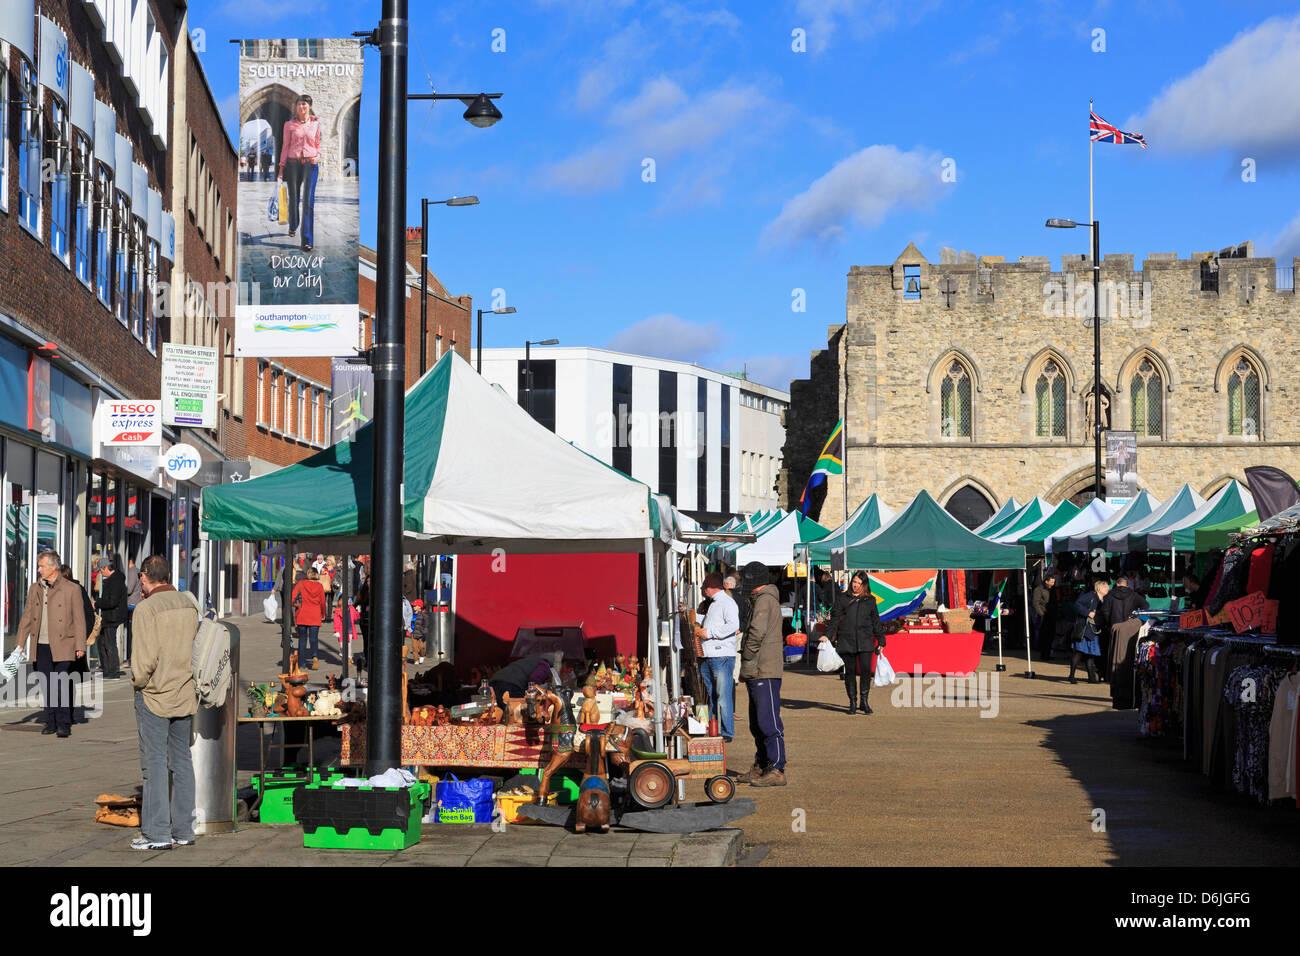 Mercado el sábado en High Street, Southampton, Hampshire, Inglaterra, Reino Unido, Europa Imagen De Stock